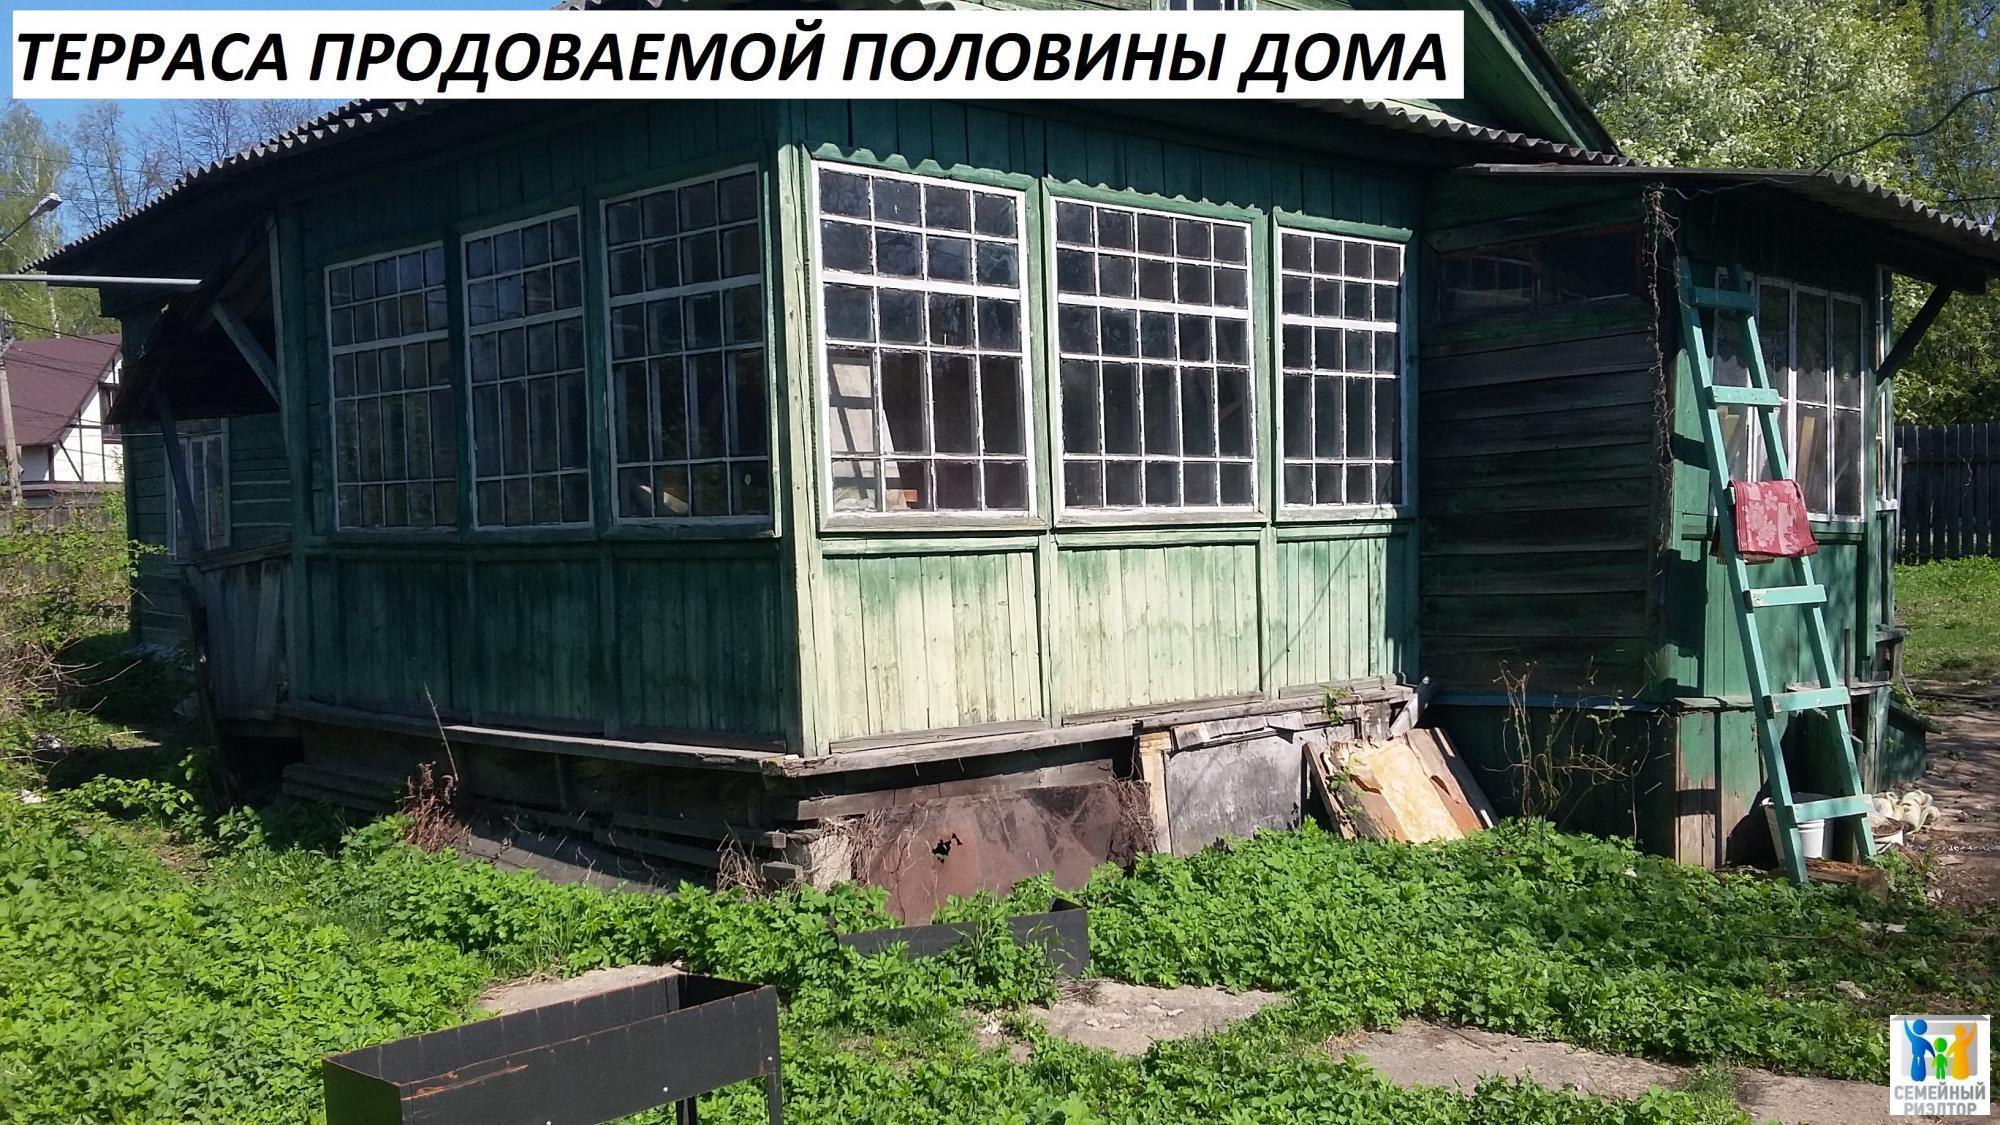 Купить часть дома на ул советская мытищи